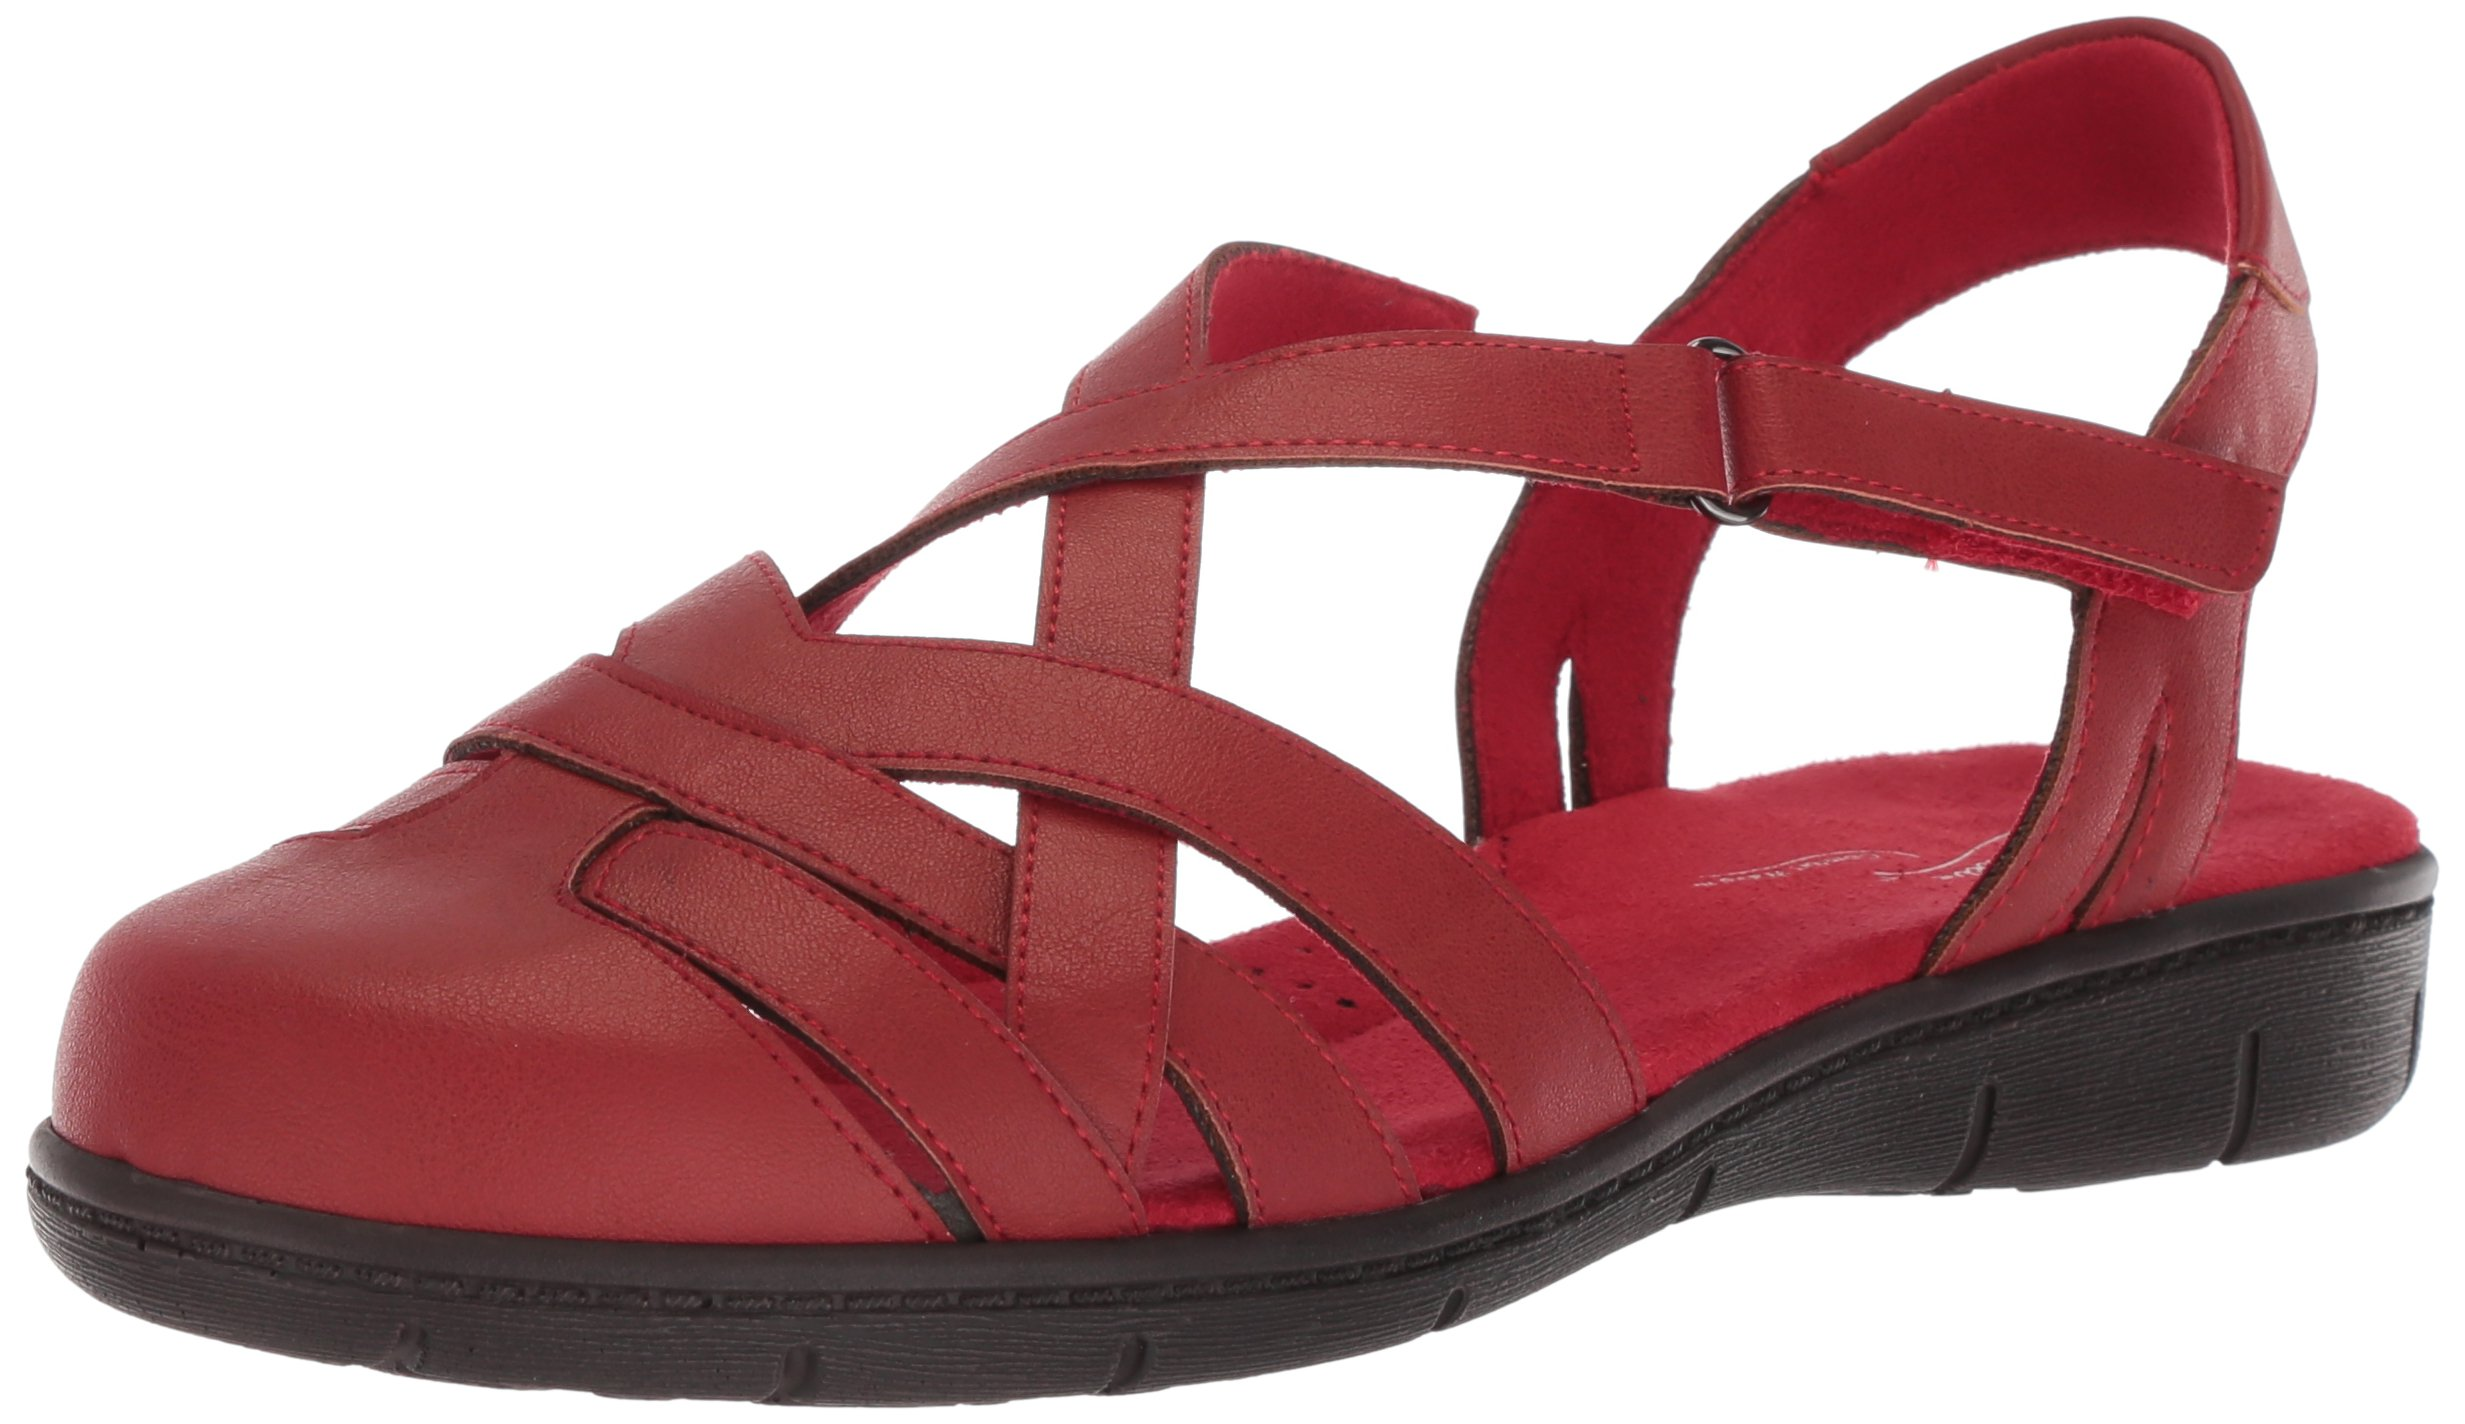 Easy Street Women's Garrett Flat Sandal, Red, 7.5 M US